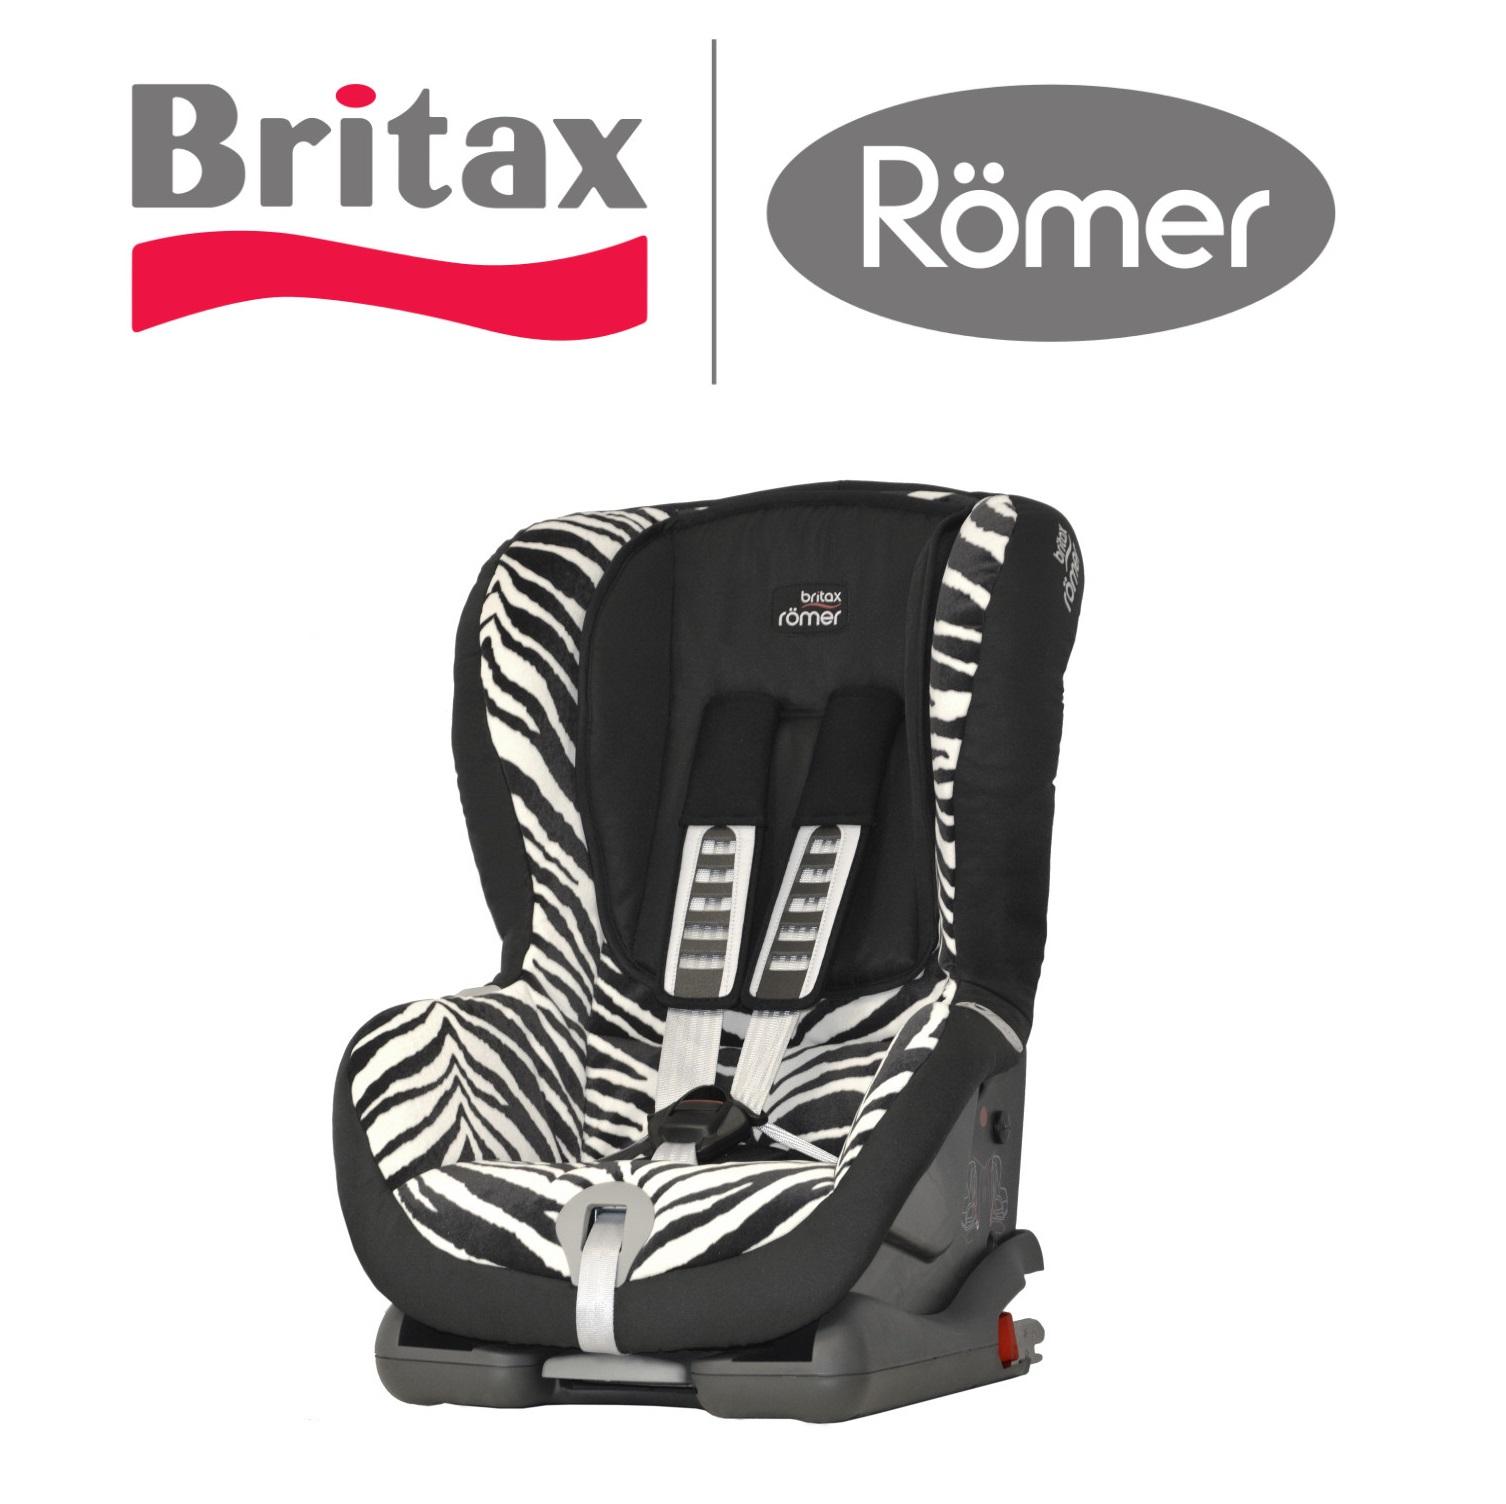 德国Britax Römer Duo Plus儿童安全座椅